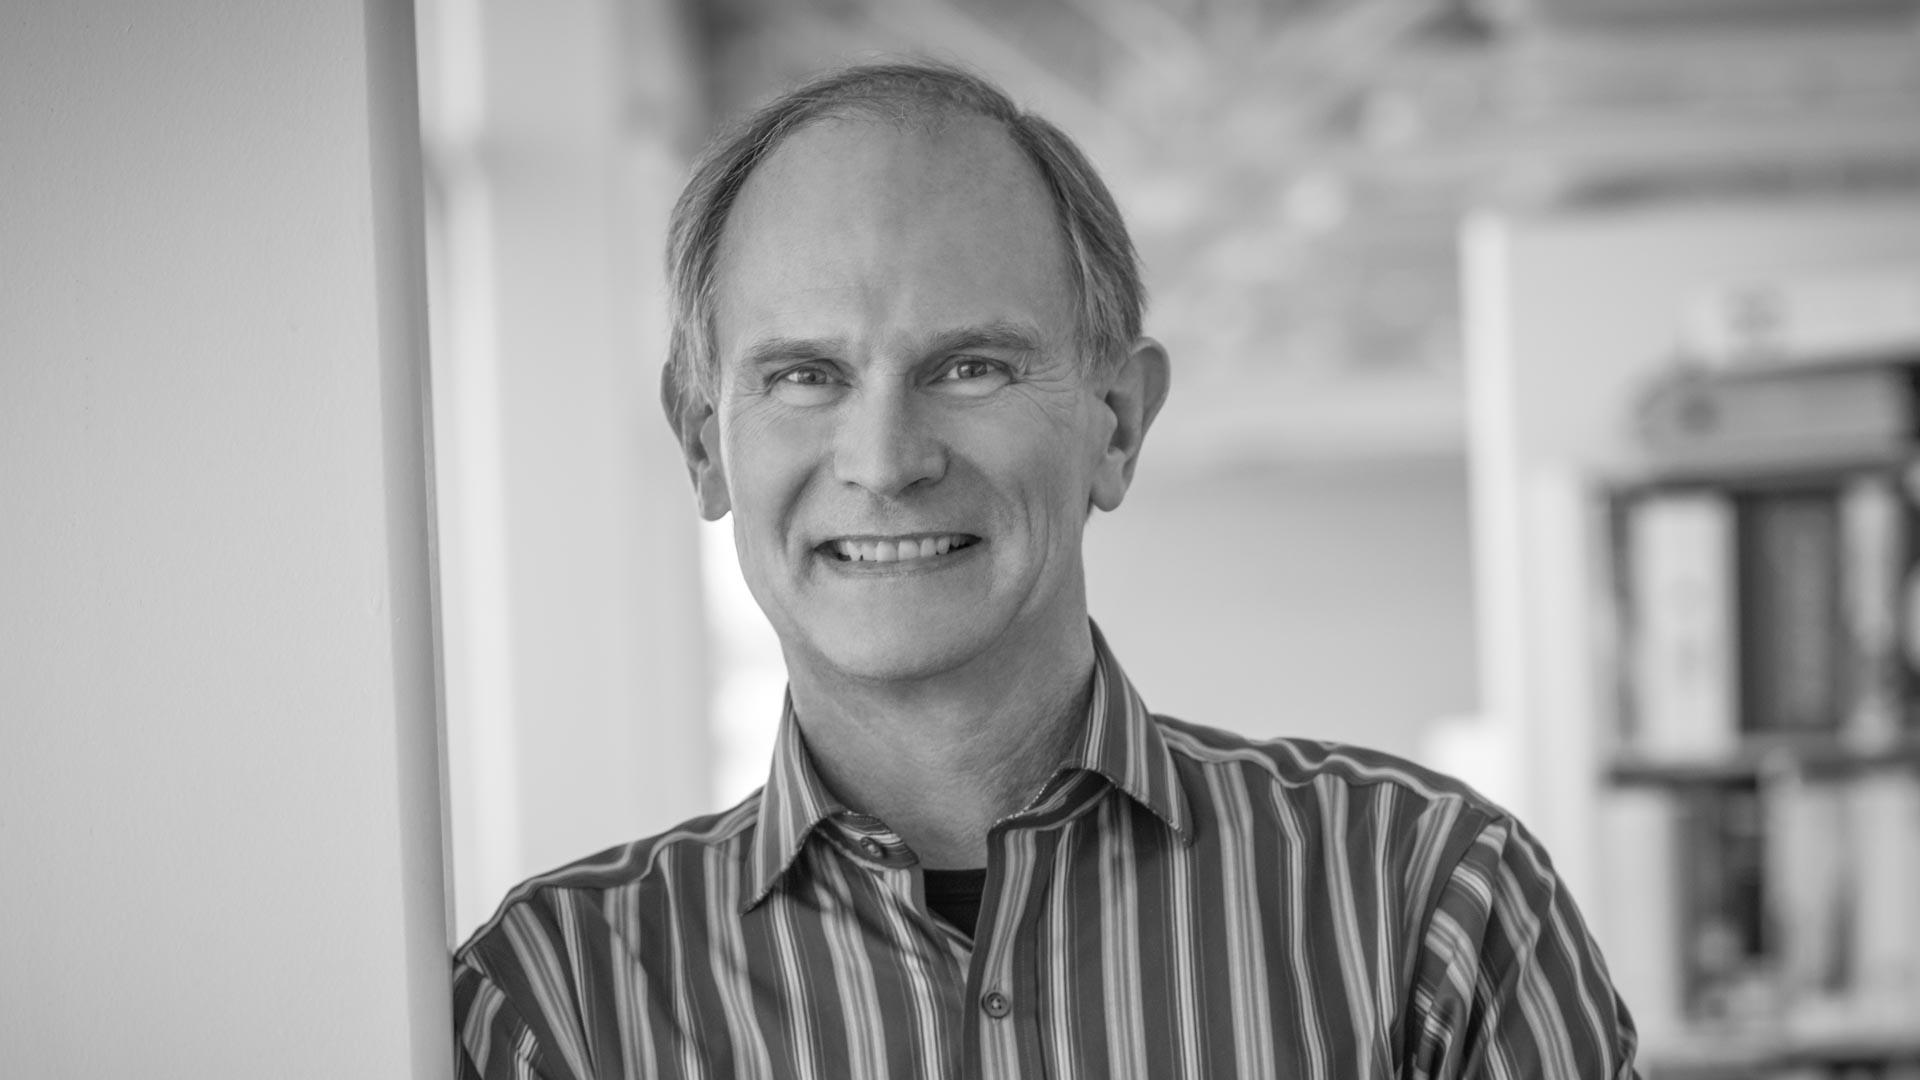 Craig Schiestl, ASLA, LEED AP | Flad Architects